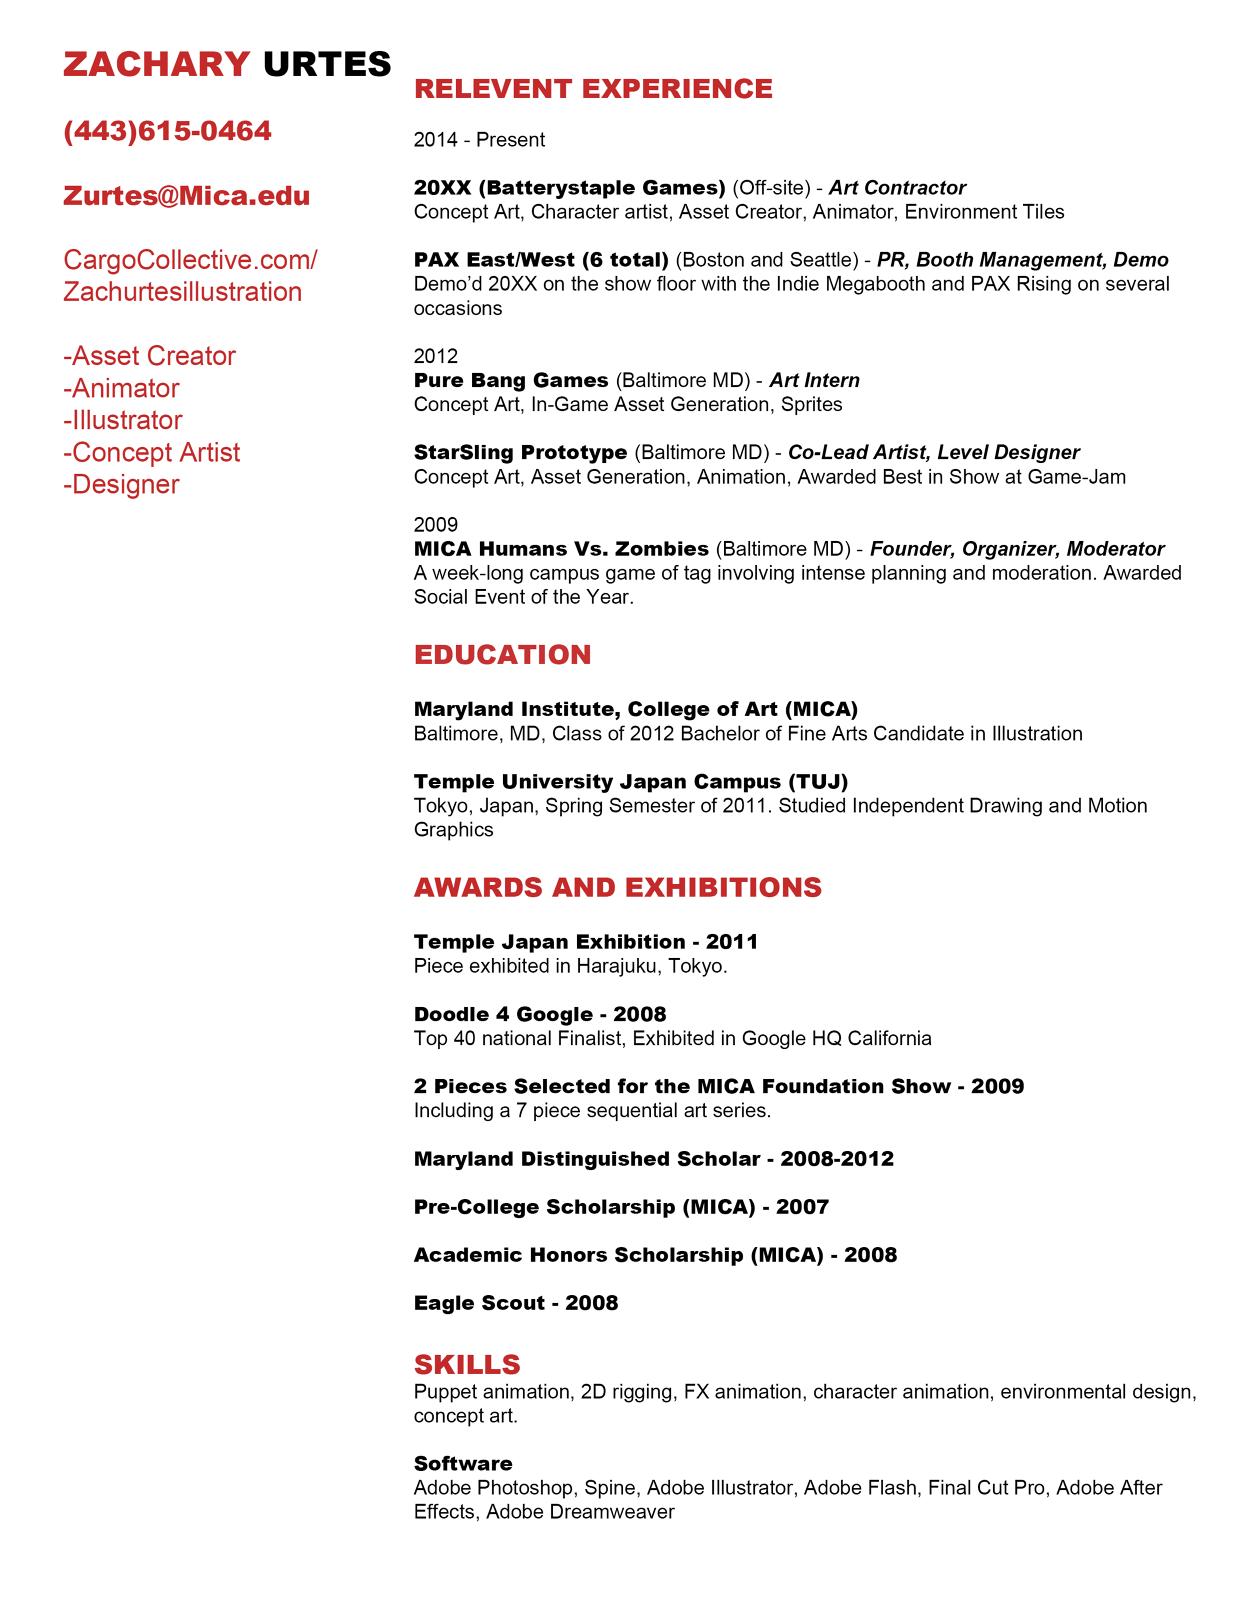 my resume zach urtes illustration